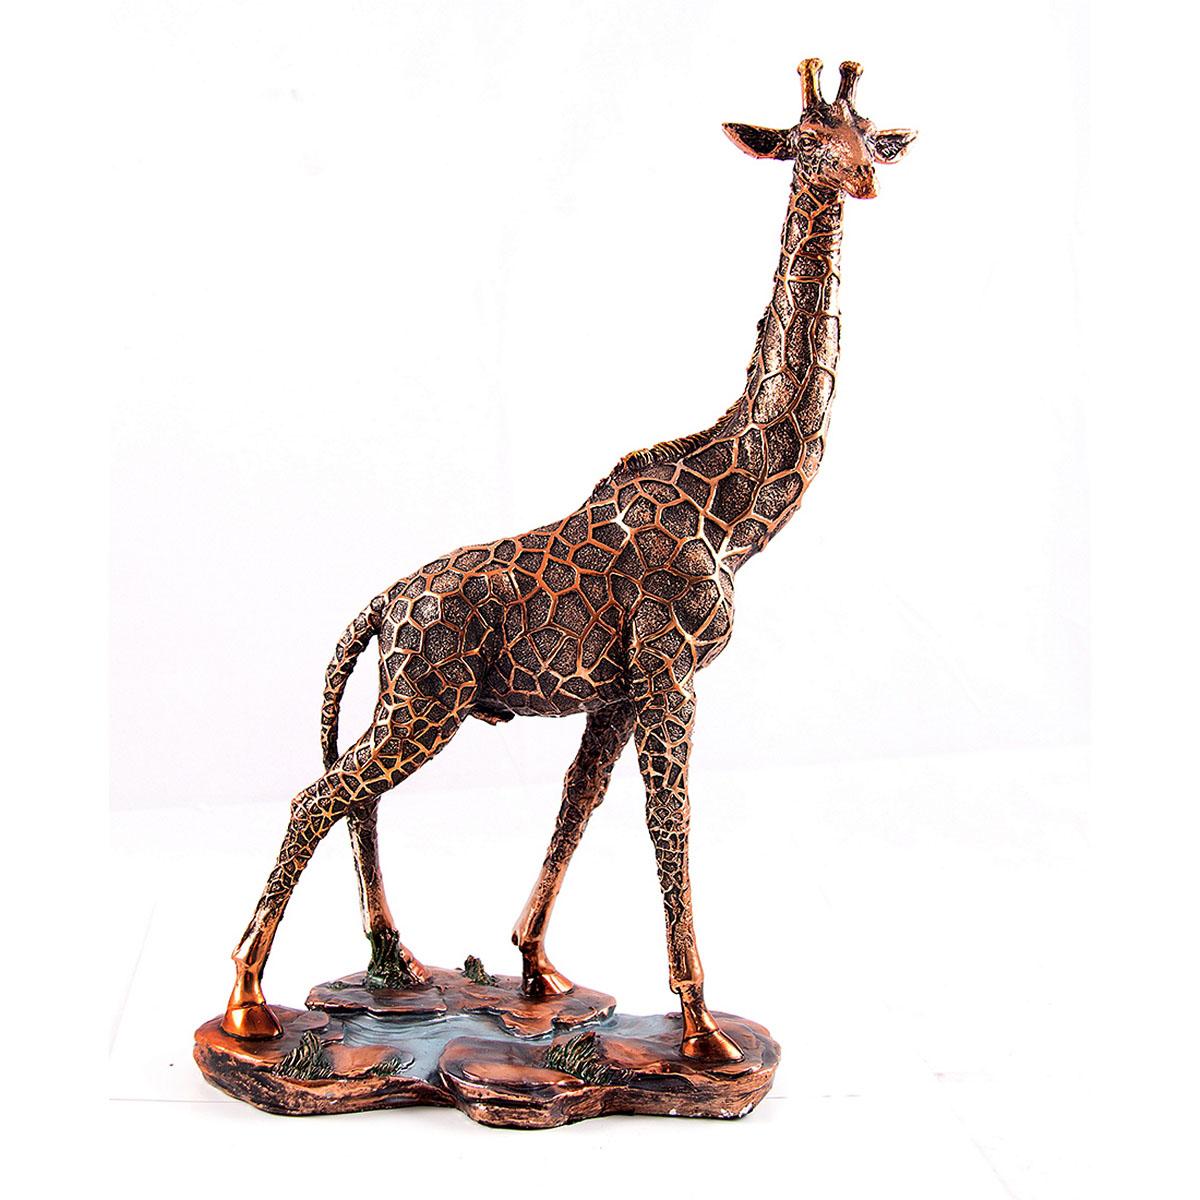 Статуэтка Русские Подарки Жираф, 25 х 37 см41619Статуэтка Русские Подарки Жираф, изготовленная изполистоуна, имеет изысканный внешний вид. Изделие станет прекрасным украшением интерьерагостиной, офиса или дома. Вы можете поставить статуэтку влюбое место, где она будет удачно смотреться и радоватьглаз. Правила ухода: регулярно вытирать пыль сухой, мягкой тканью.